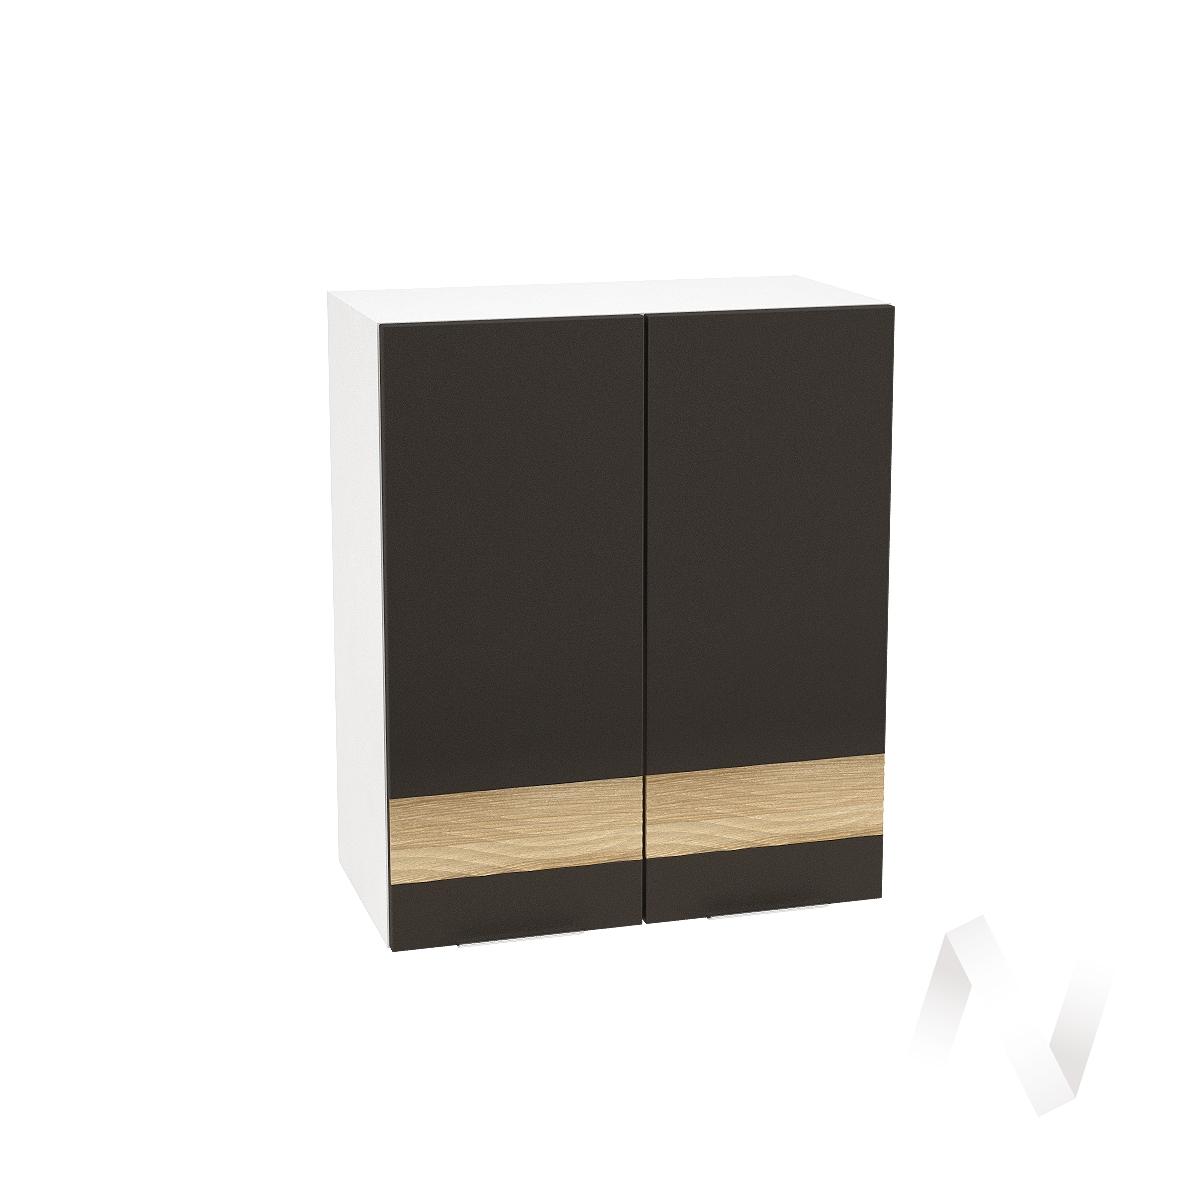 """Кухня """"Терра"""": Шкаф верхний 600, ШВ 600 (смоки софт/ель карпатская/корпус белый)"""